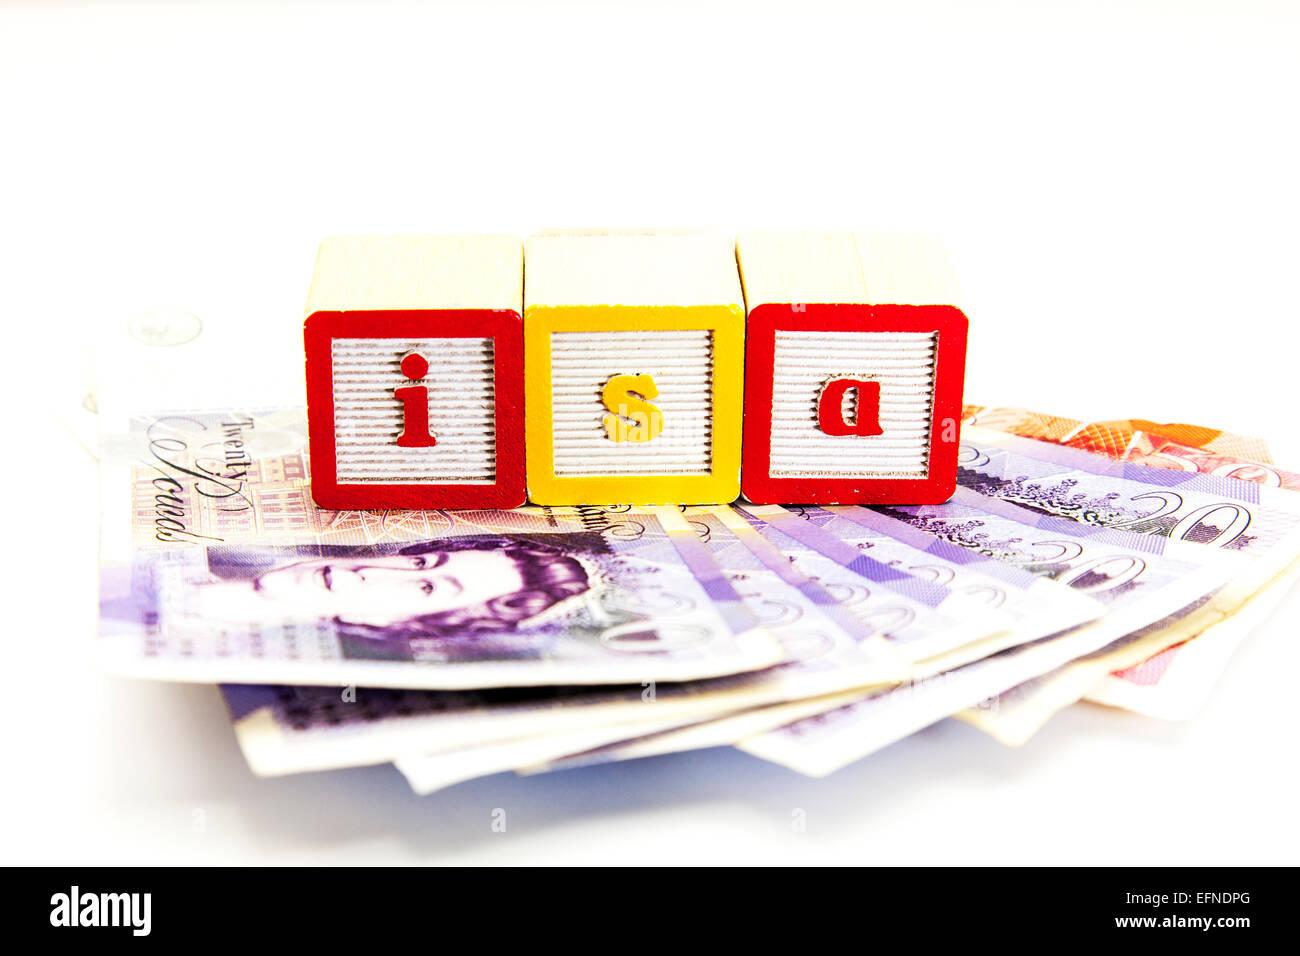 L'argent libre d'impôt à l'investissement isa investir en espèces banque actions compte Photo Stock